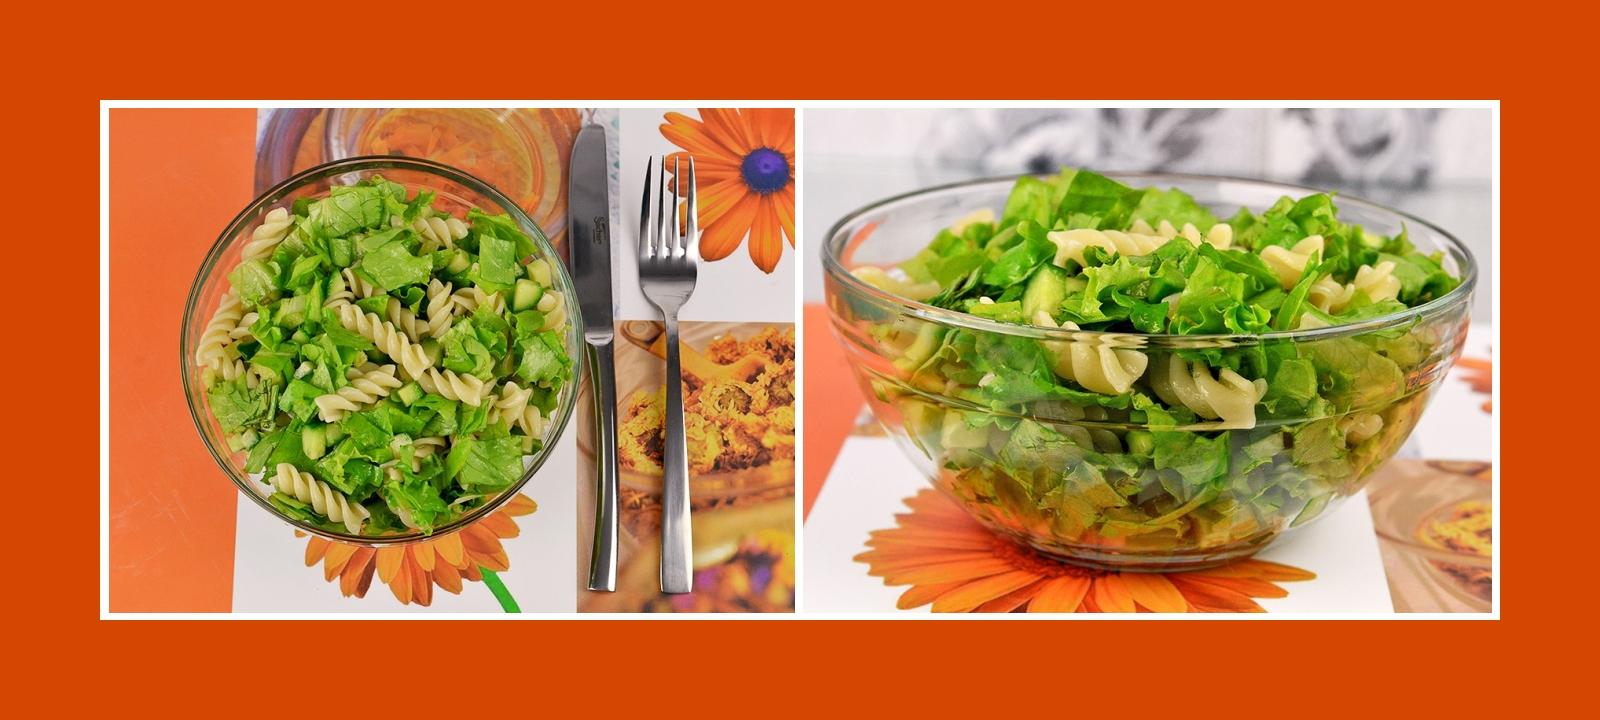 Grüner Salat schnell gemacht: aus Nudeln, Salatblättern, Gurken